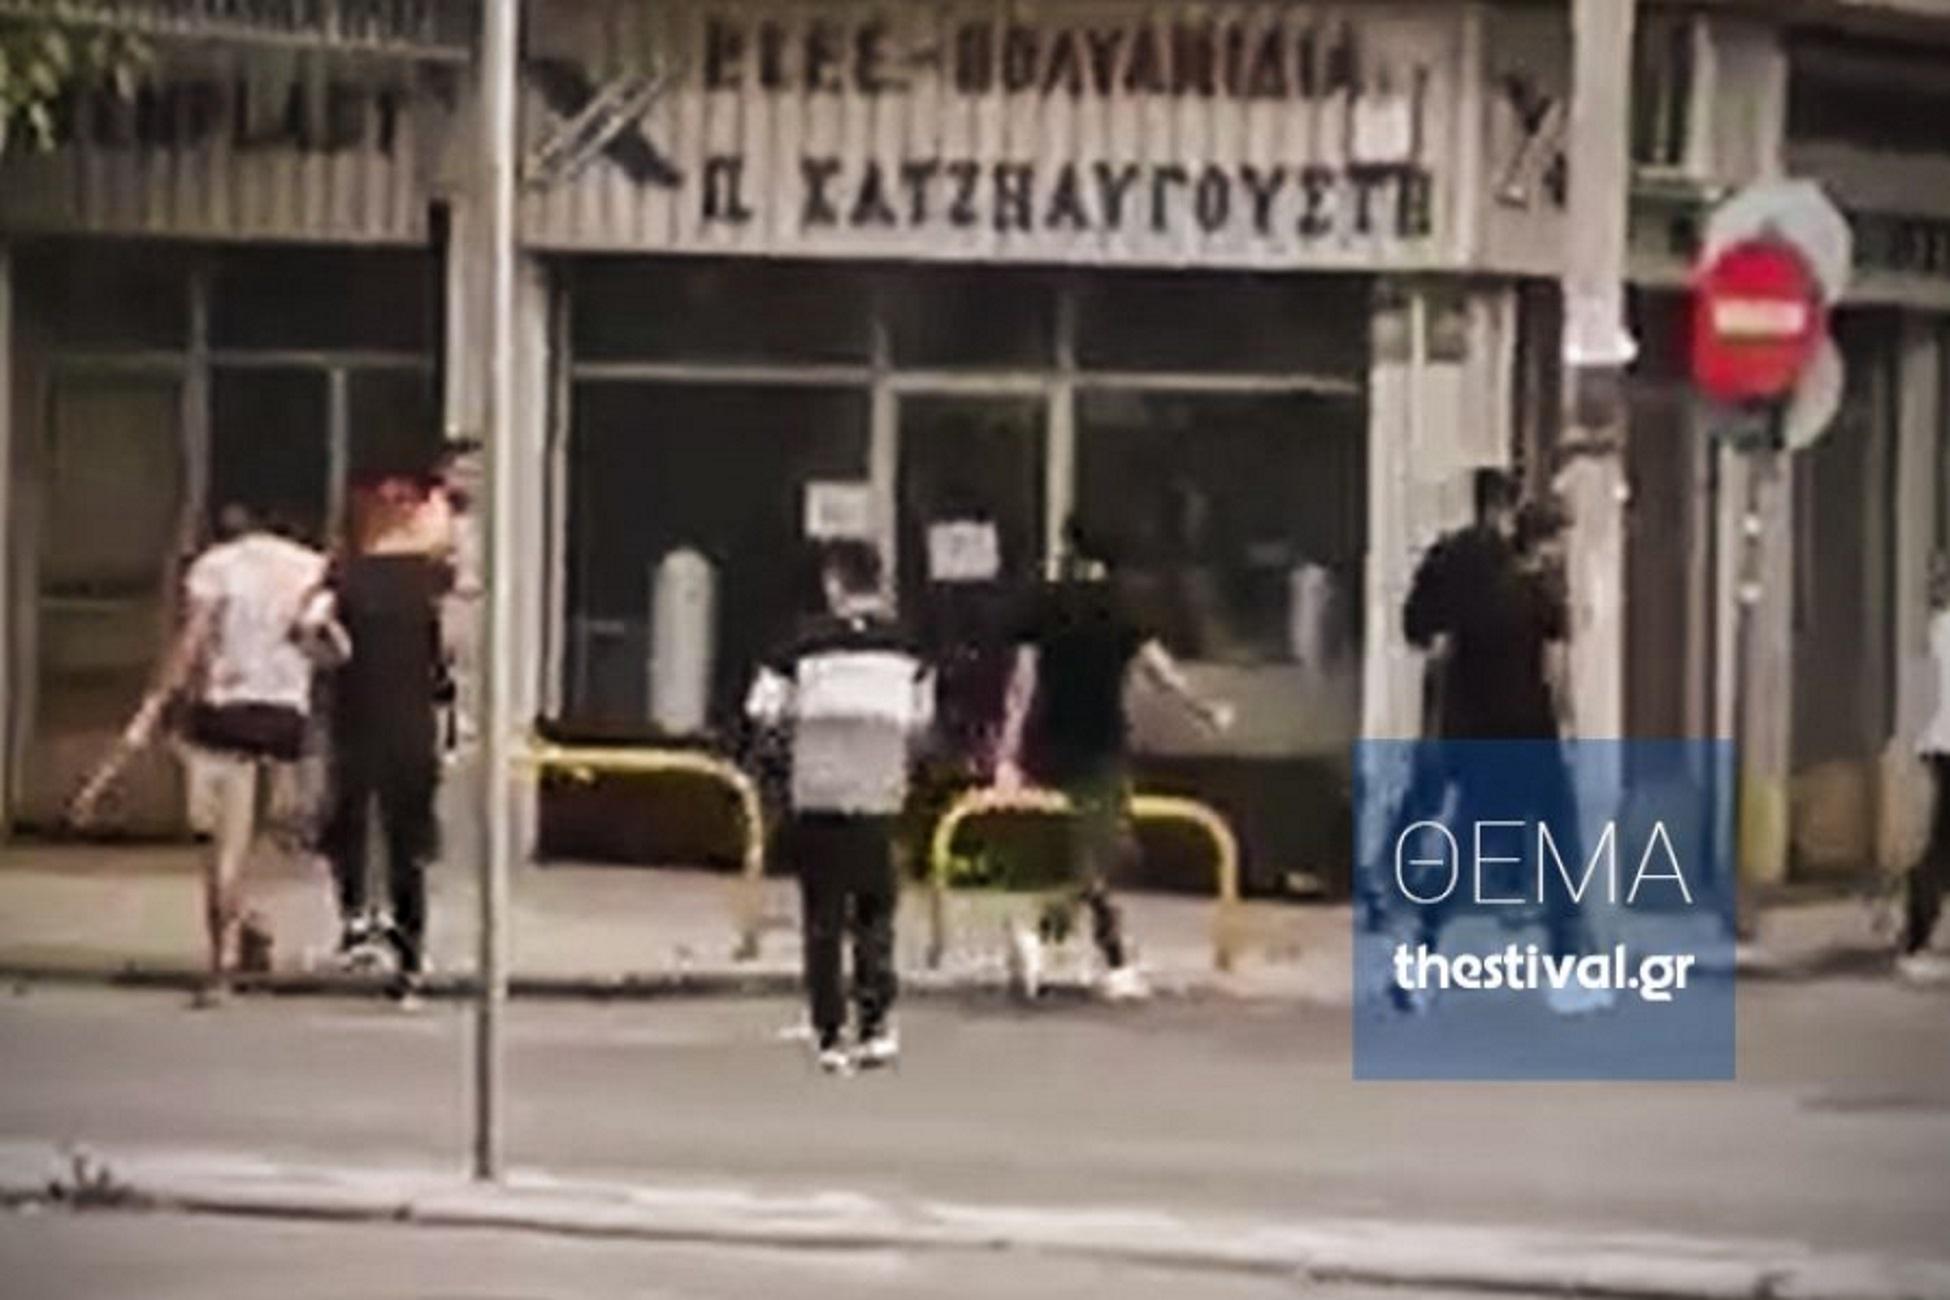 Θεσσαλονίκη: Επίθεση μίσους με ξύλινα ραβδιά σε Πακιστανό! Σκληρές εικόνες στο βίντεο ντοκουμέντο